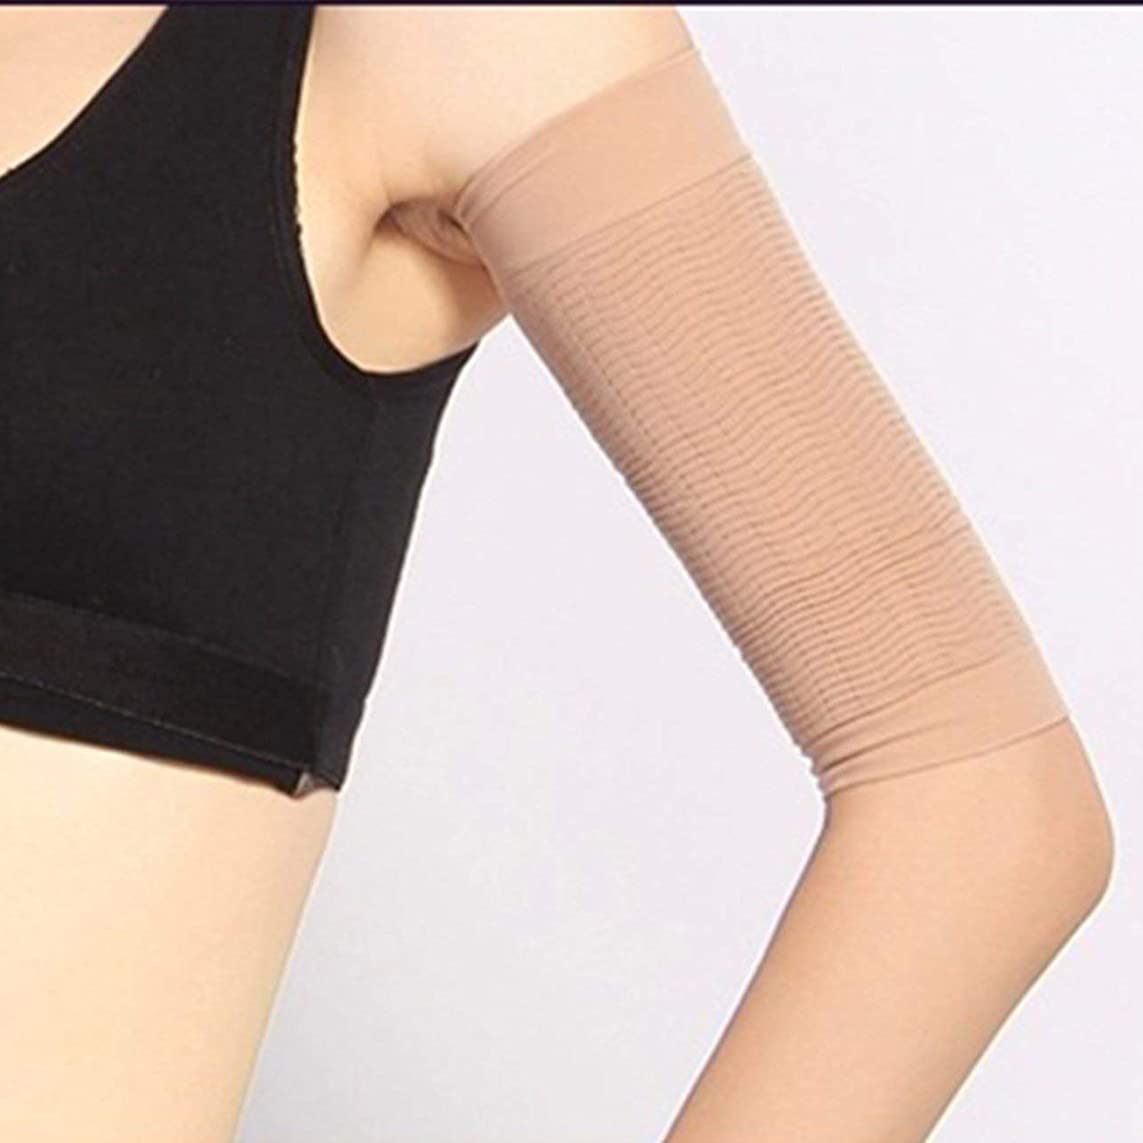 醜い特定の使い込むDeeploveUU 1ペア420 d圧縮痩身アームスリーブワークアウトトーニングバーンセルライトシェイパー脂肪燃焼袖用女性